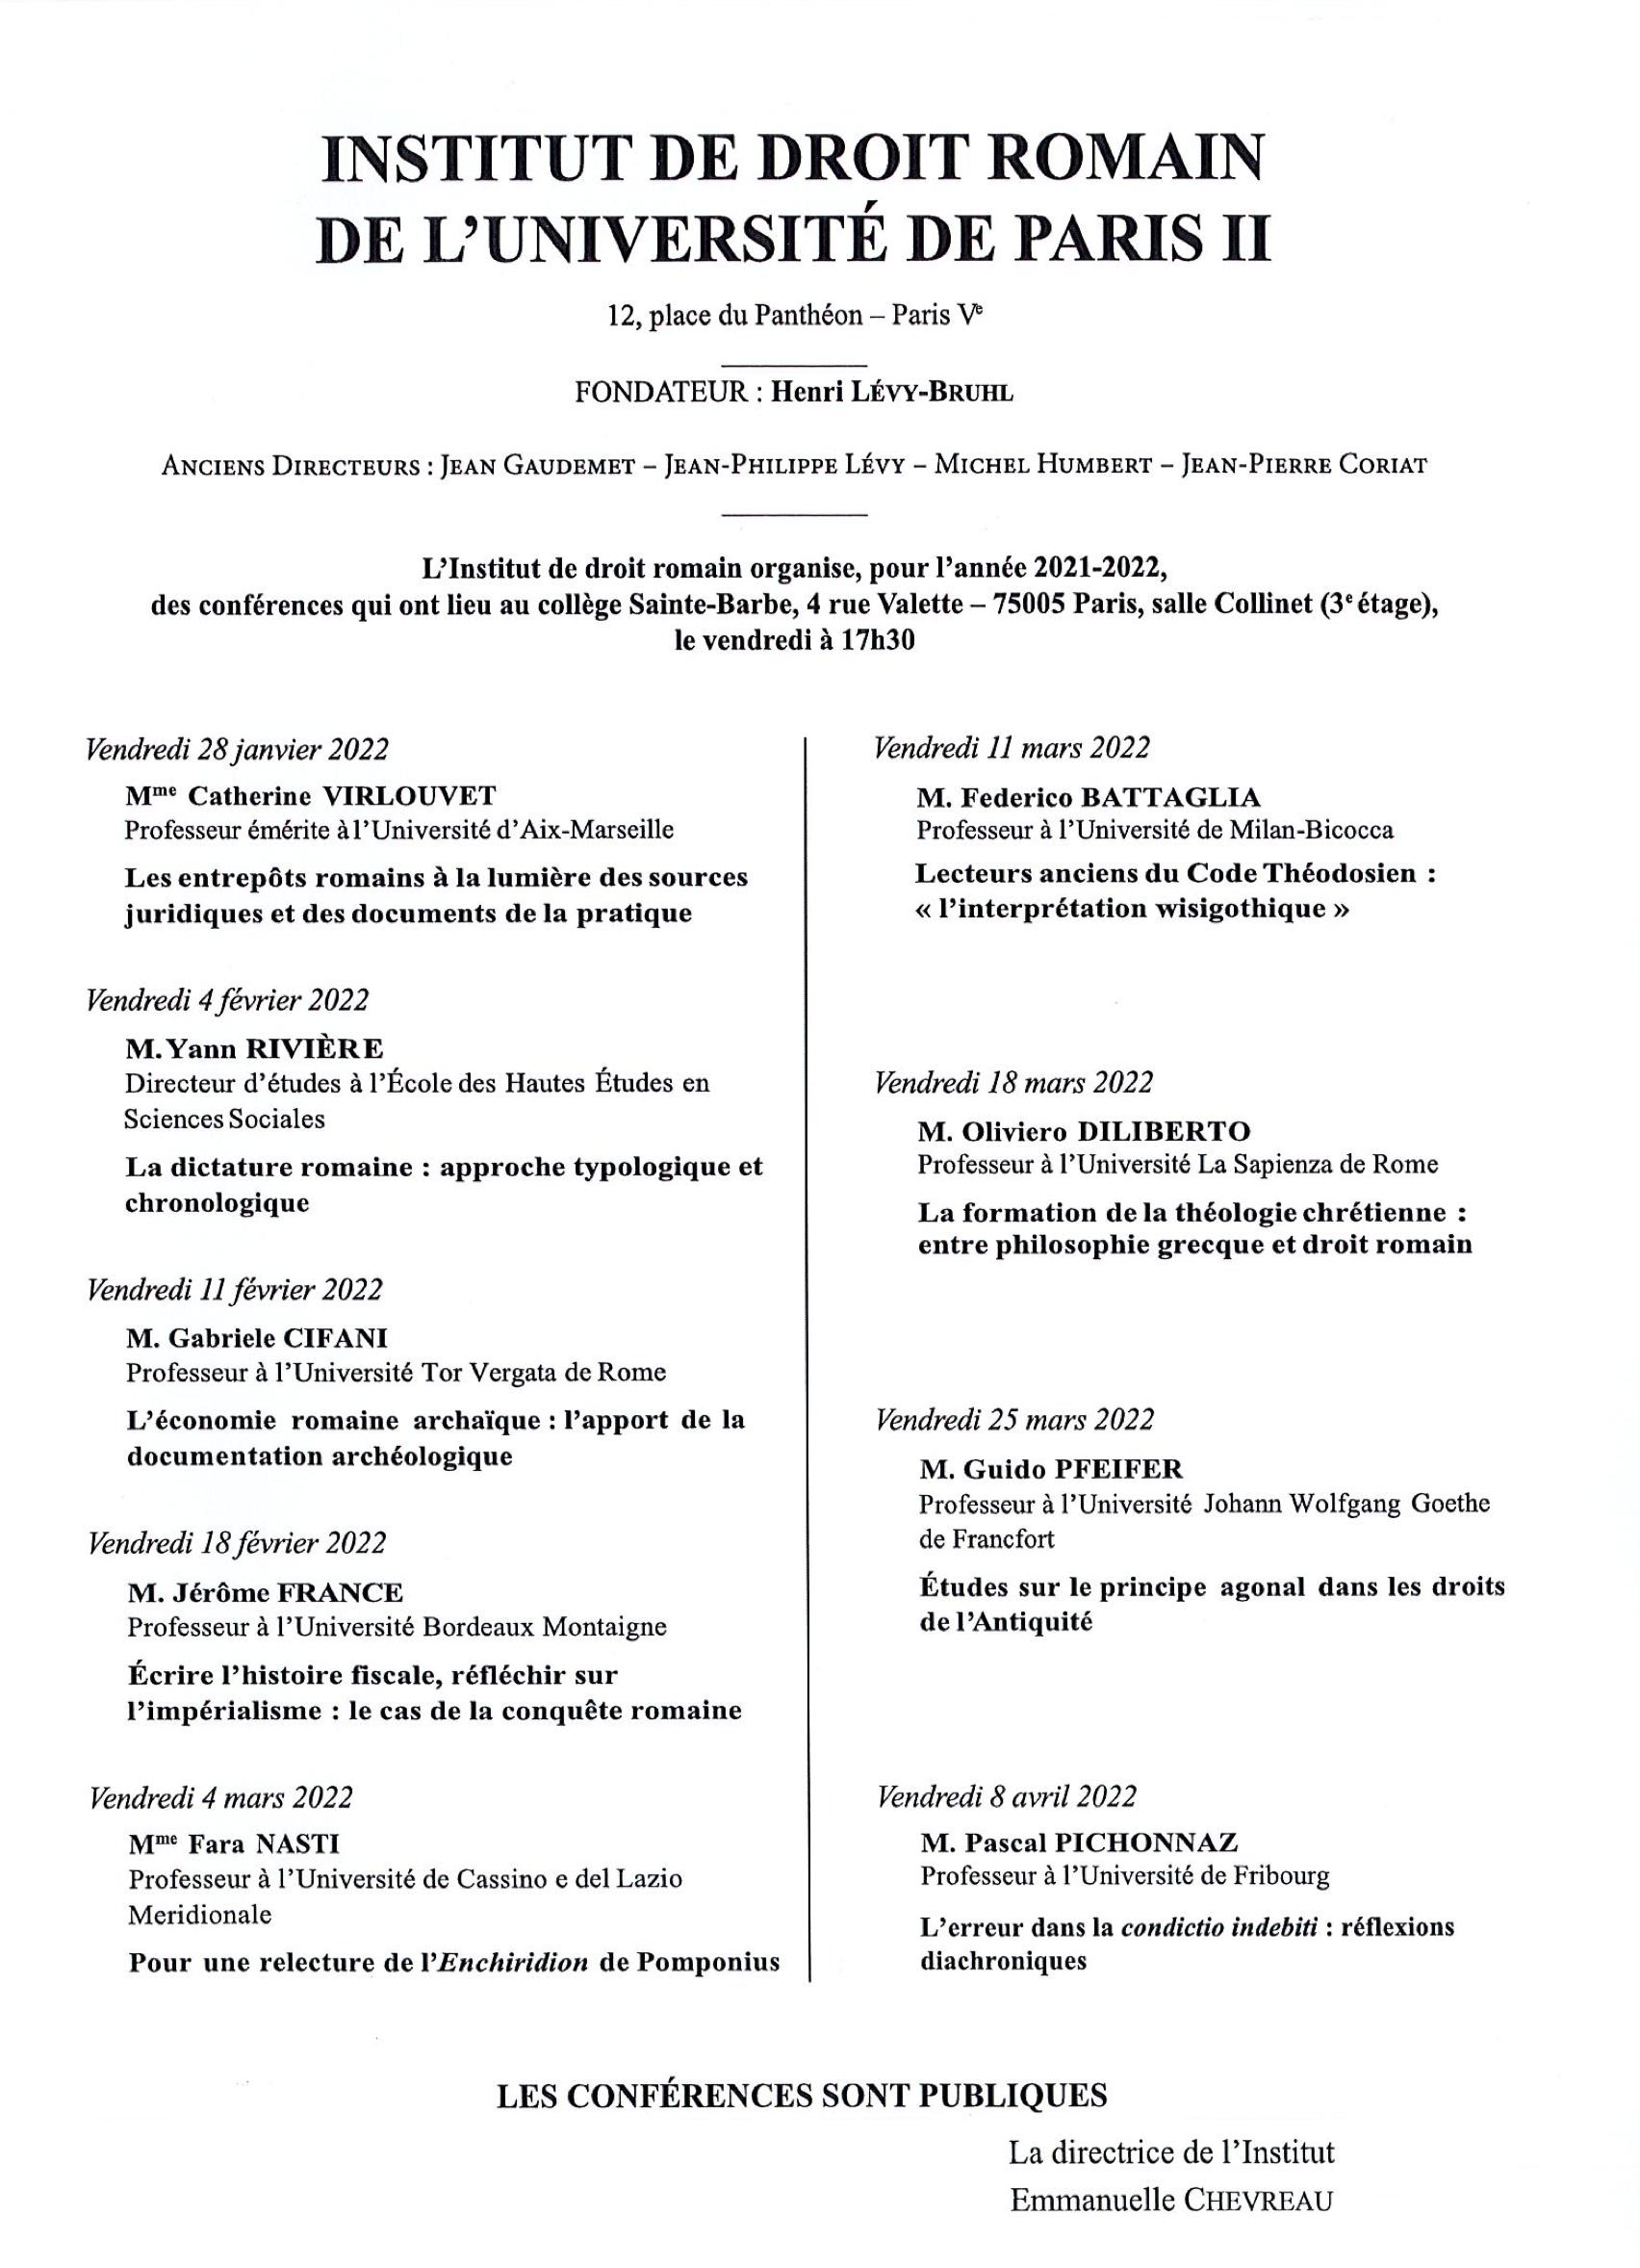 Programme des conférences de l'Institut de droit romain (2021-2022)